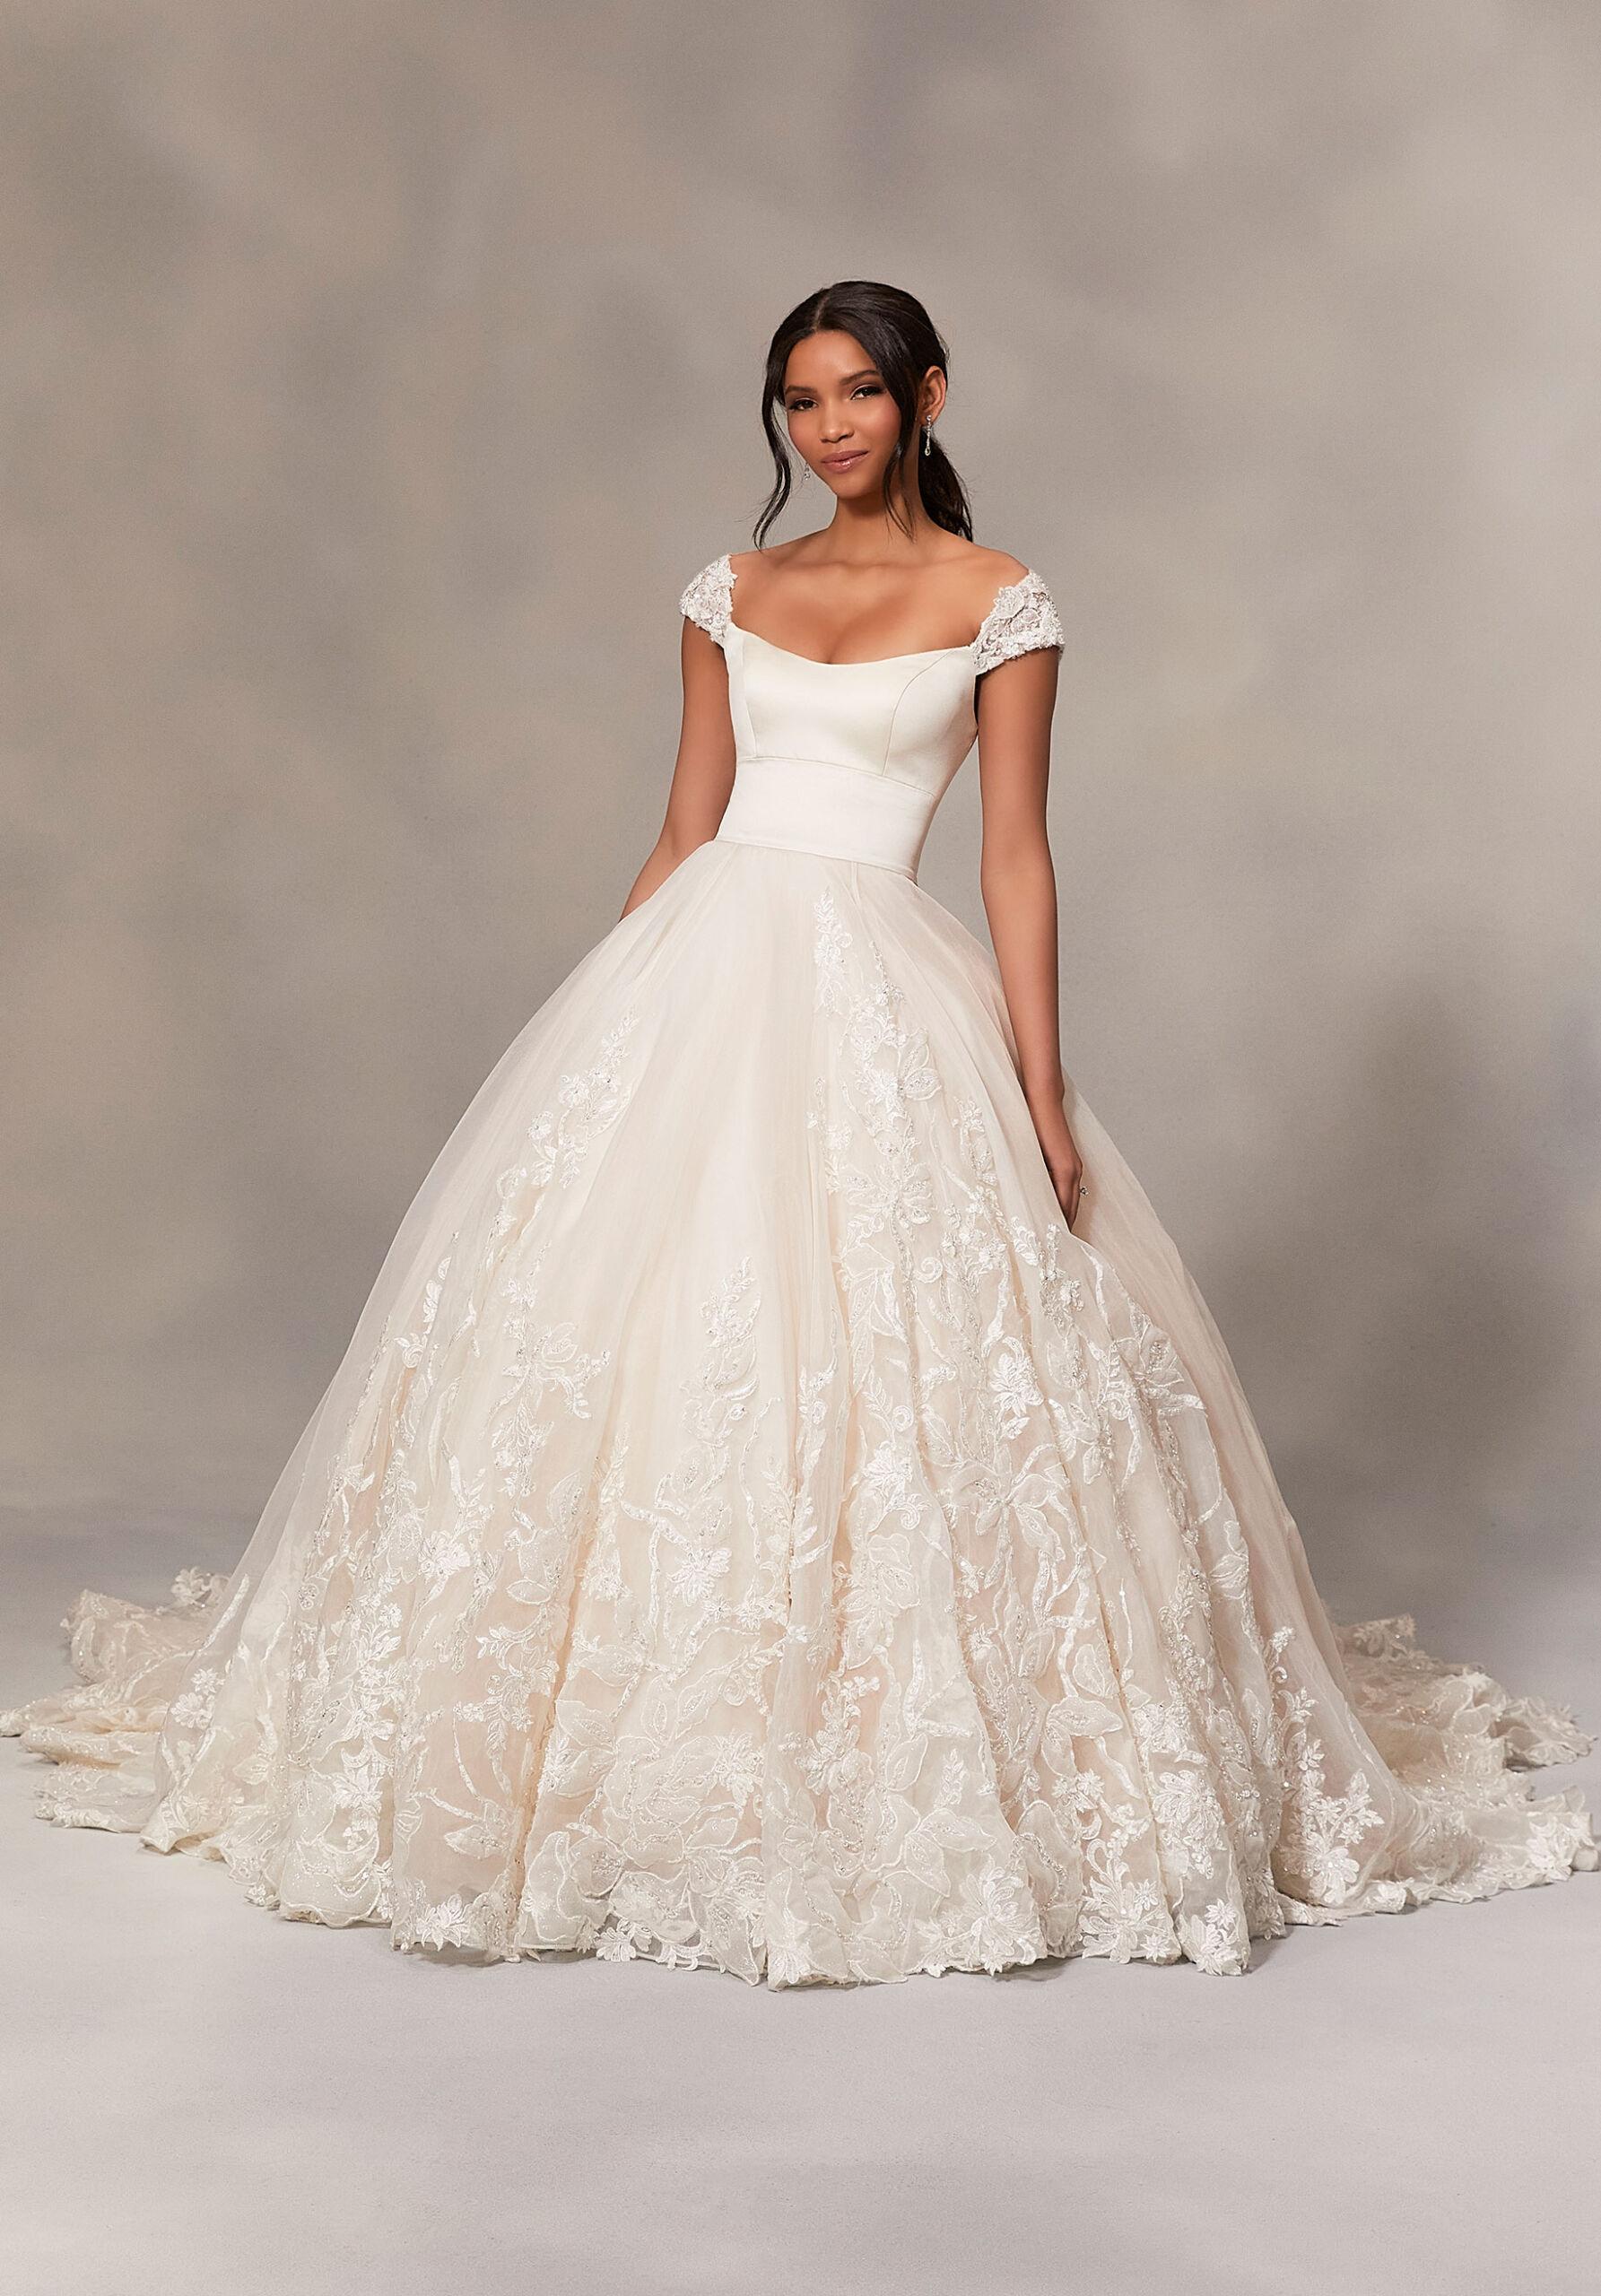 morilee-bridal-gown-05.jpg